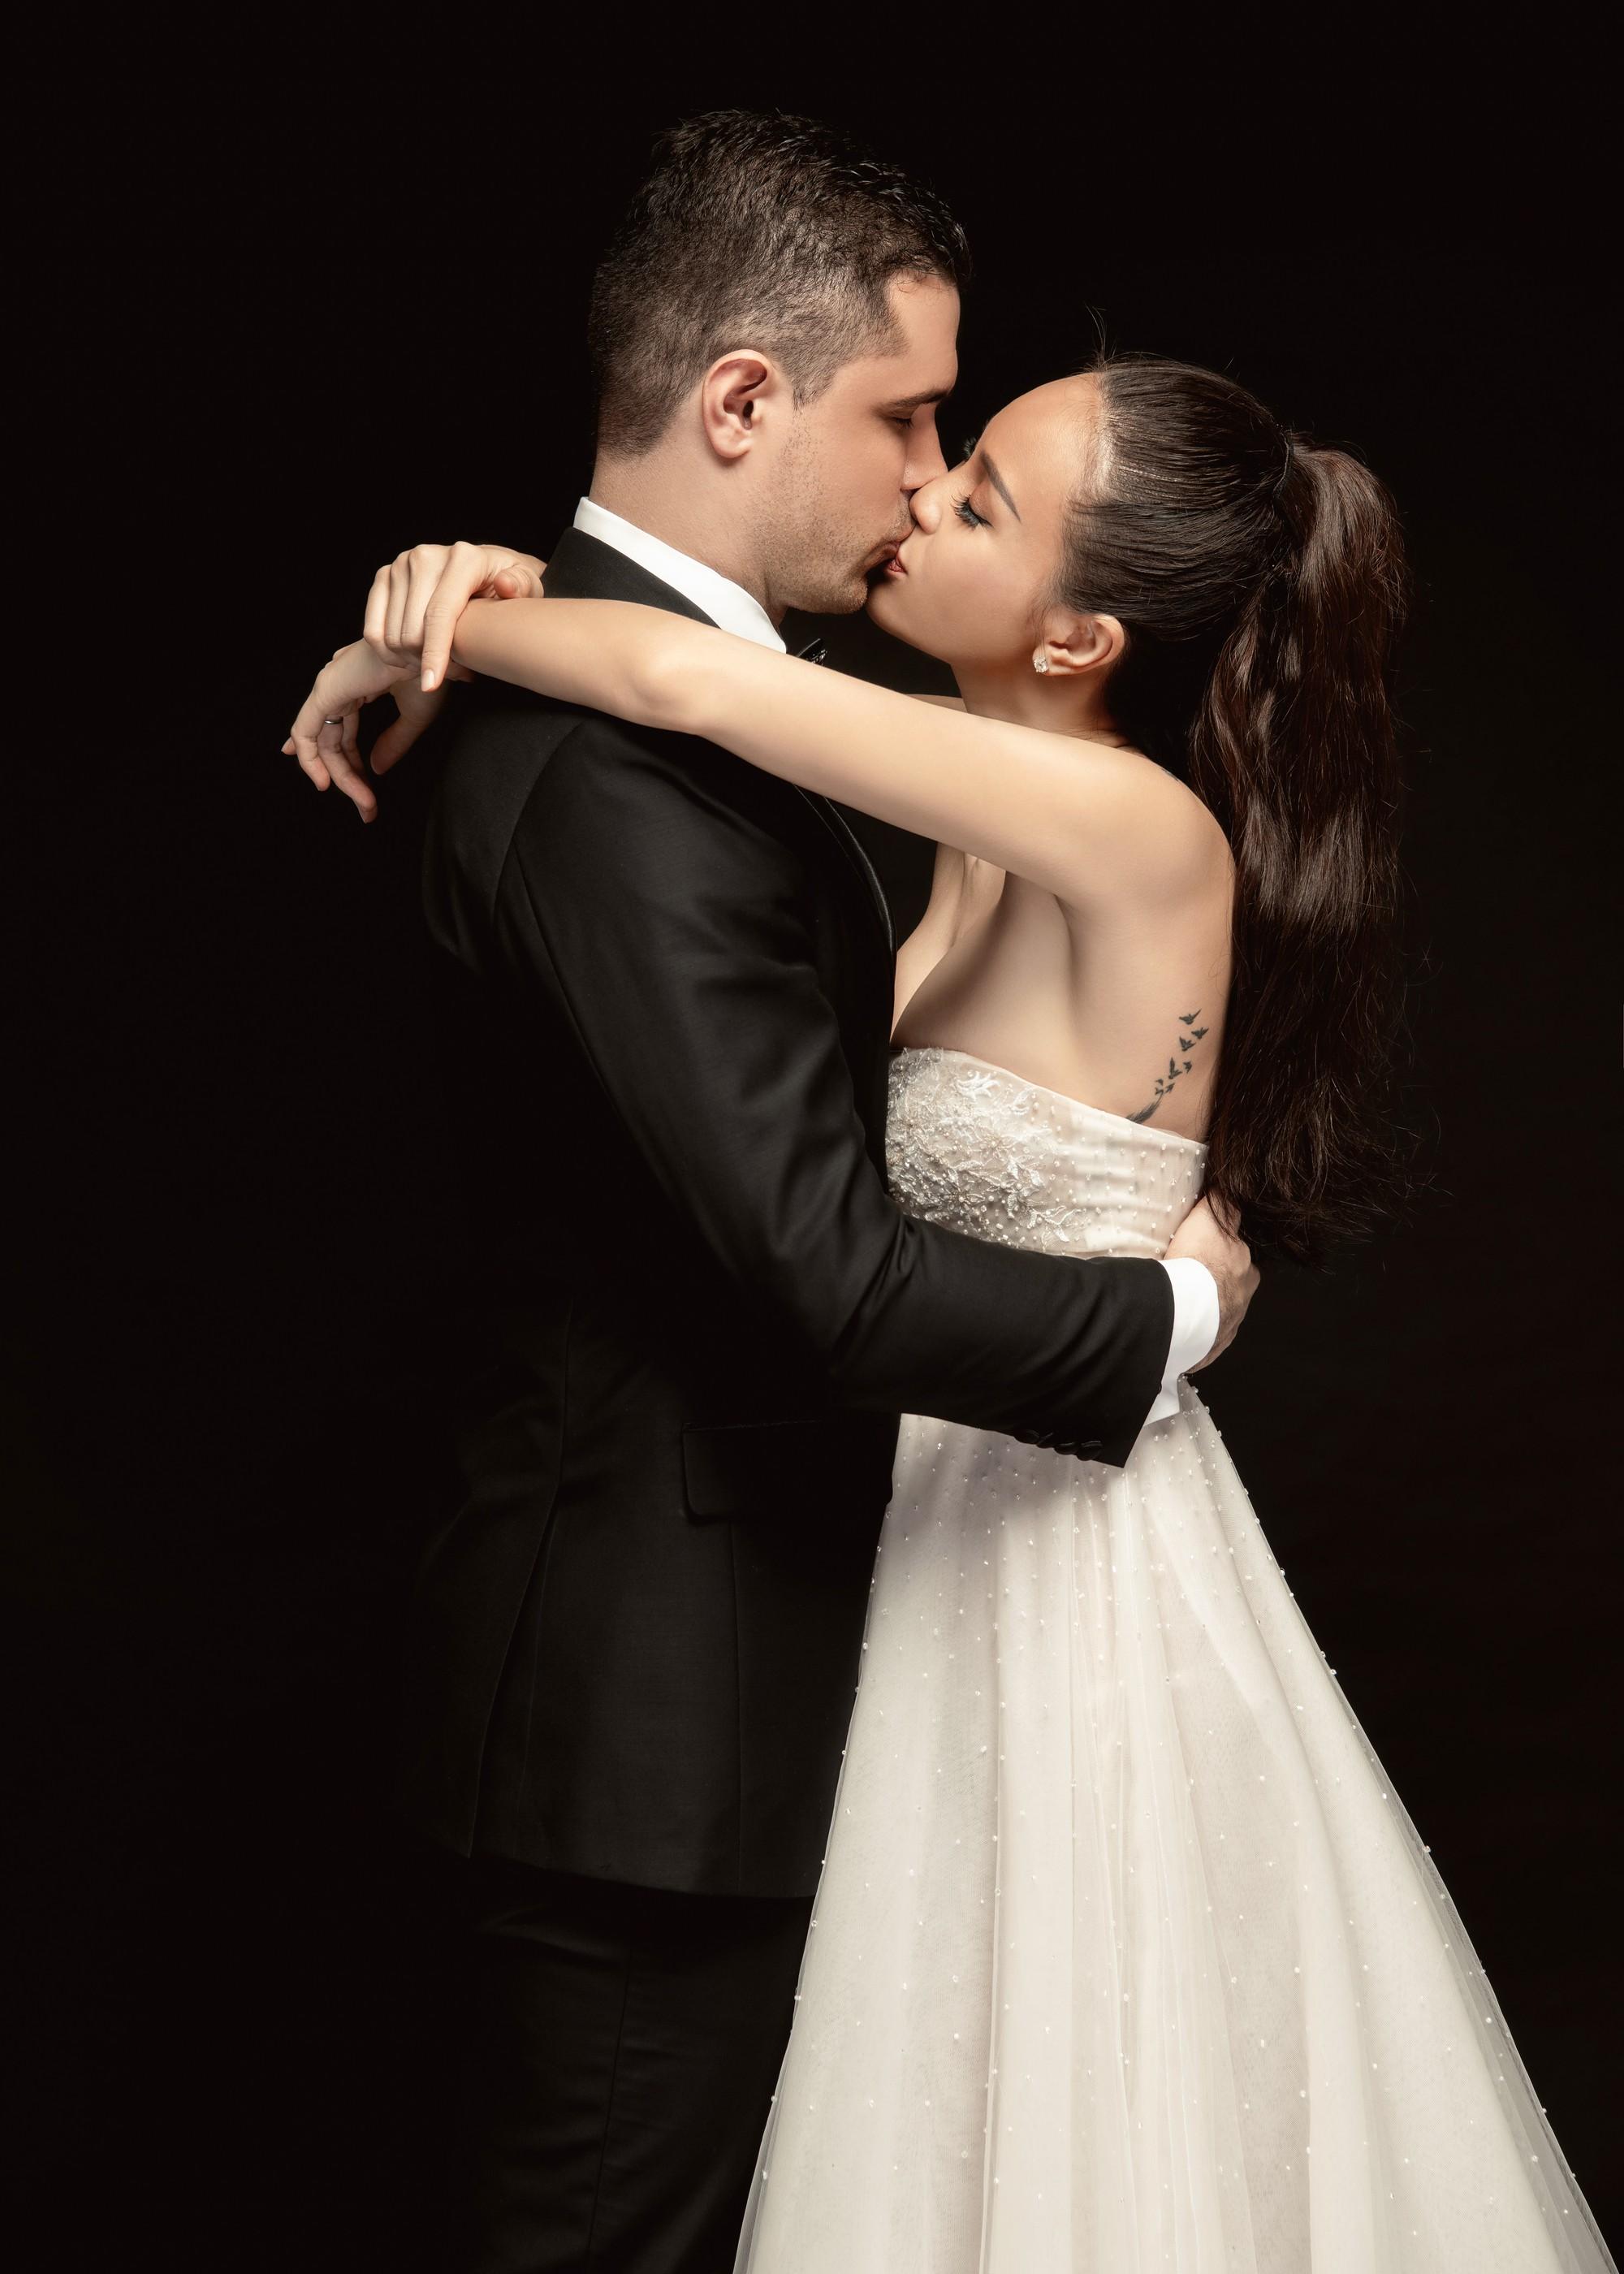 Trọn bộ ảnh cưới ngọt ngào đến tan chảy của Phương Mai và chồng Tây đẹp trai như tài tử - Ảnh 10.